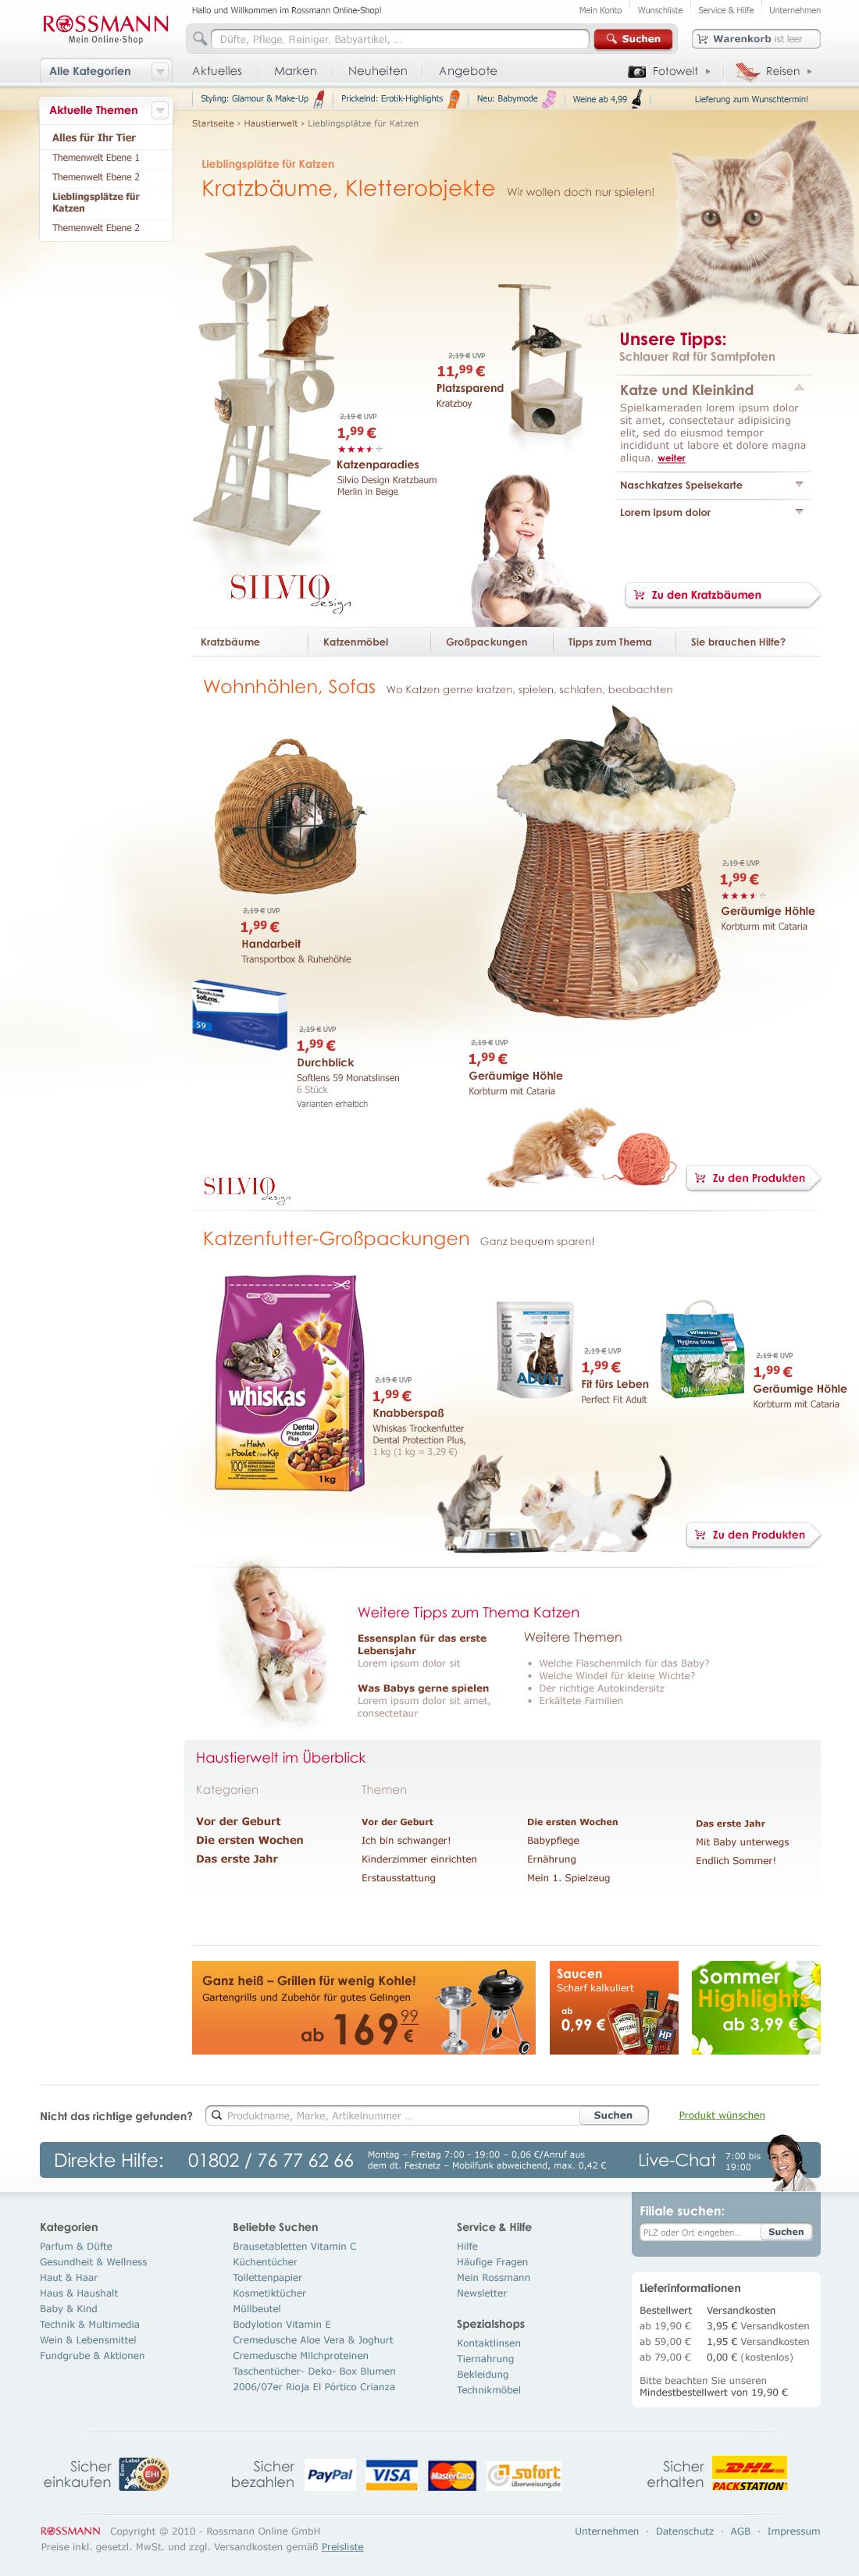 Rossmann online shop coupons